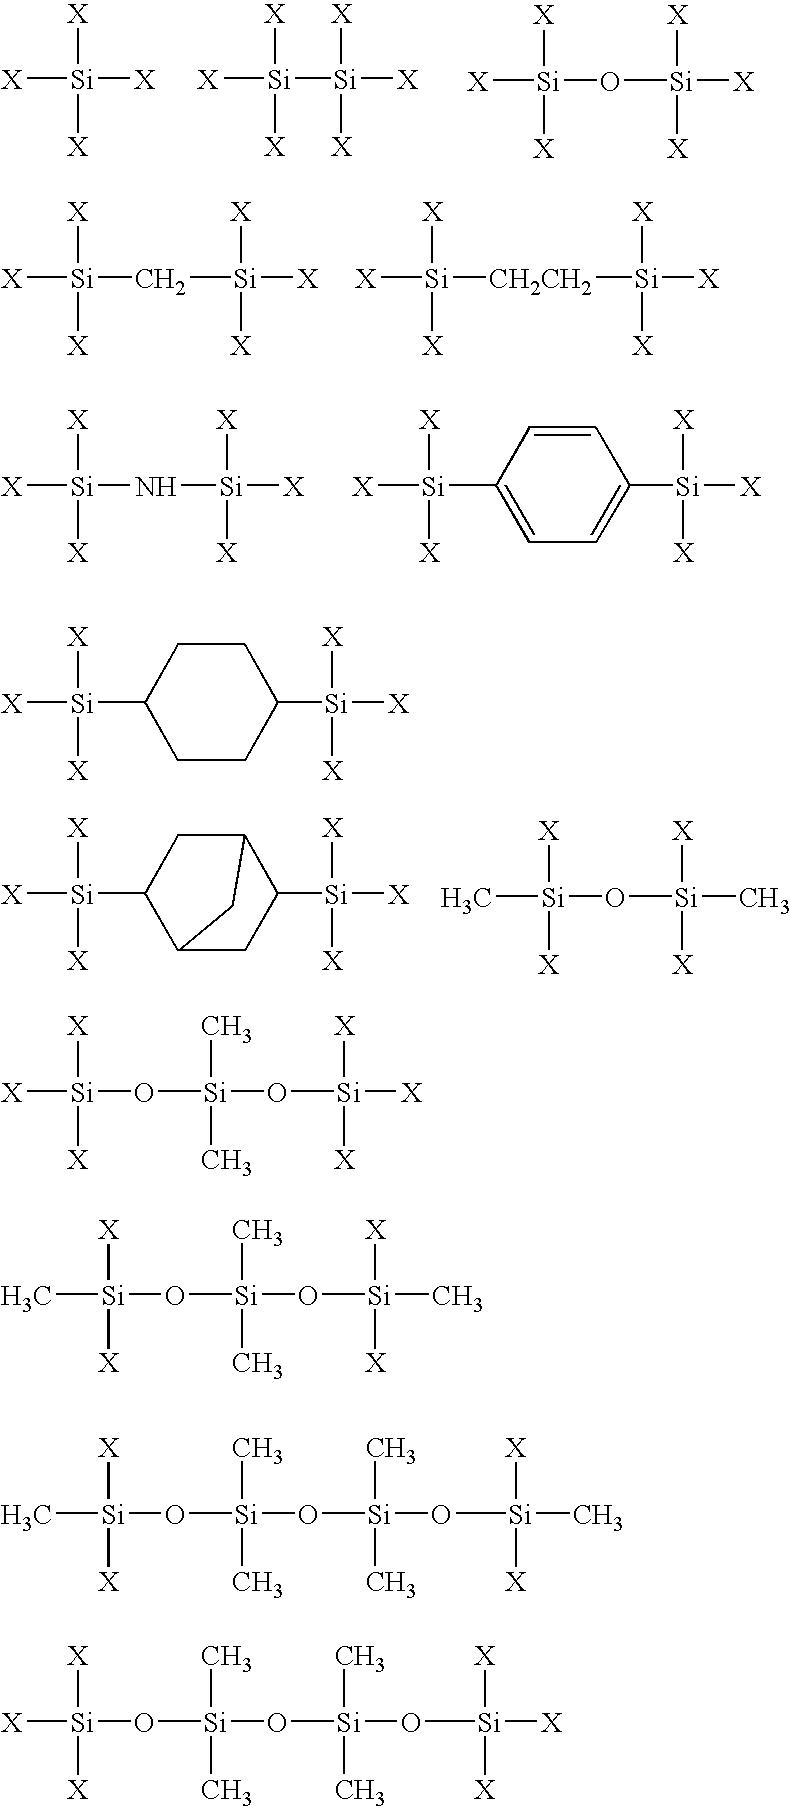 Figure US20040241579A1-20041202-C00011